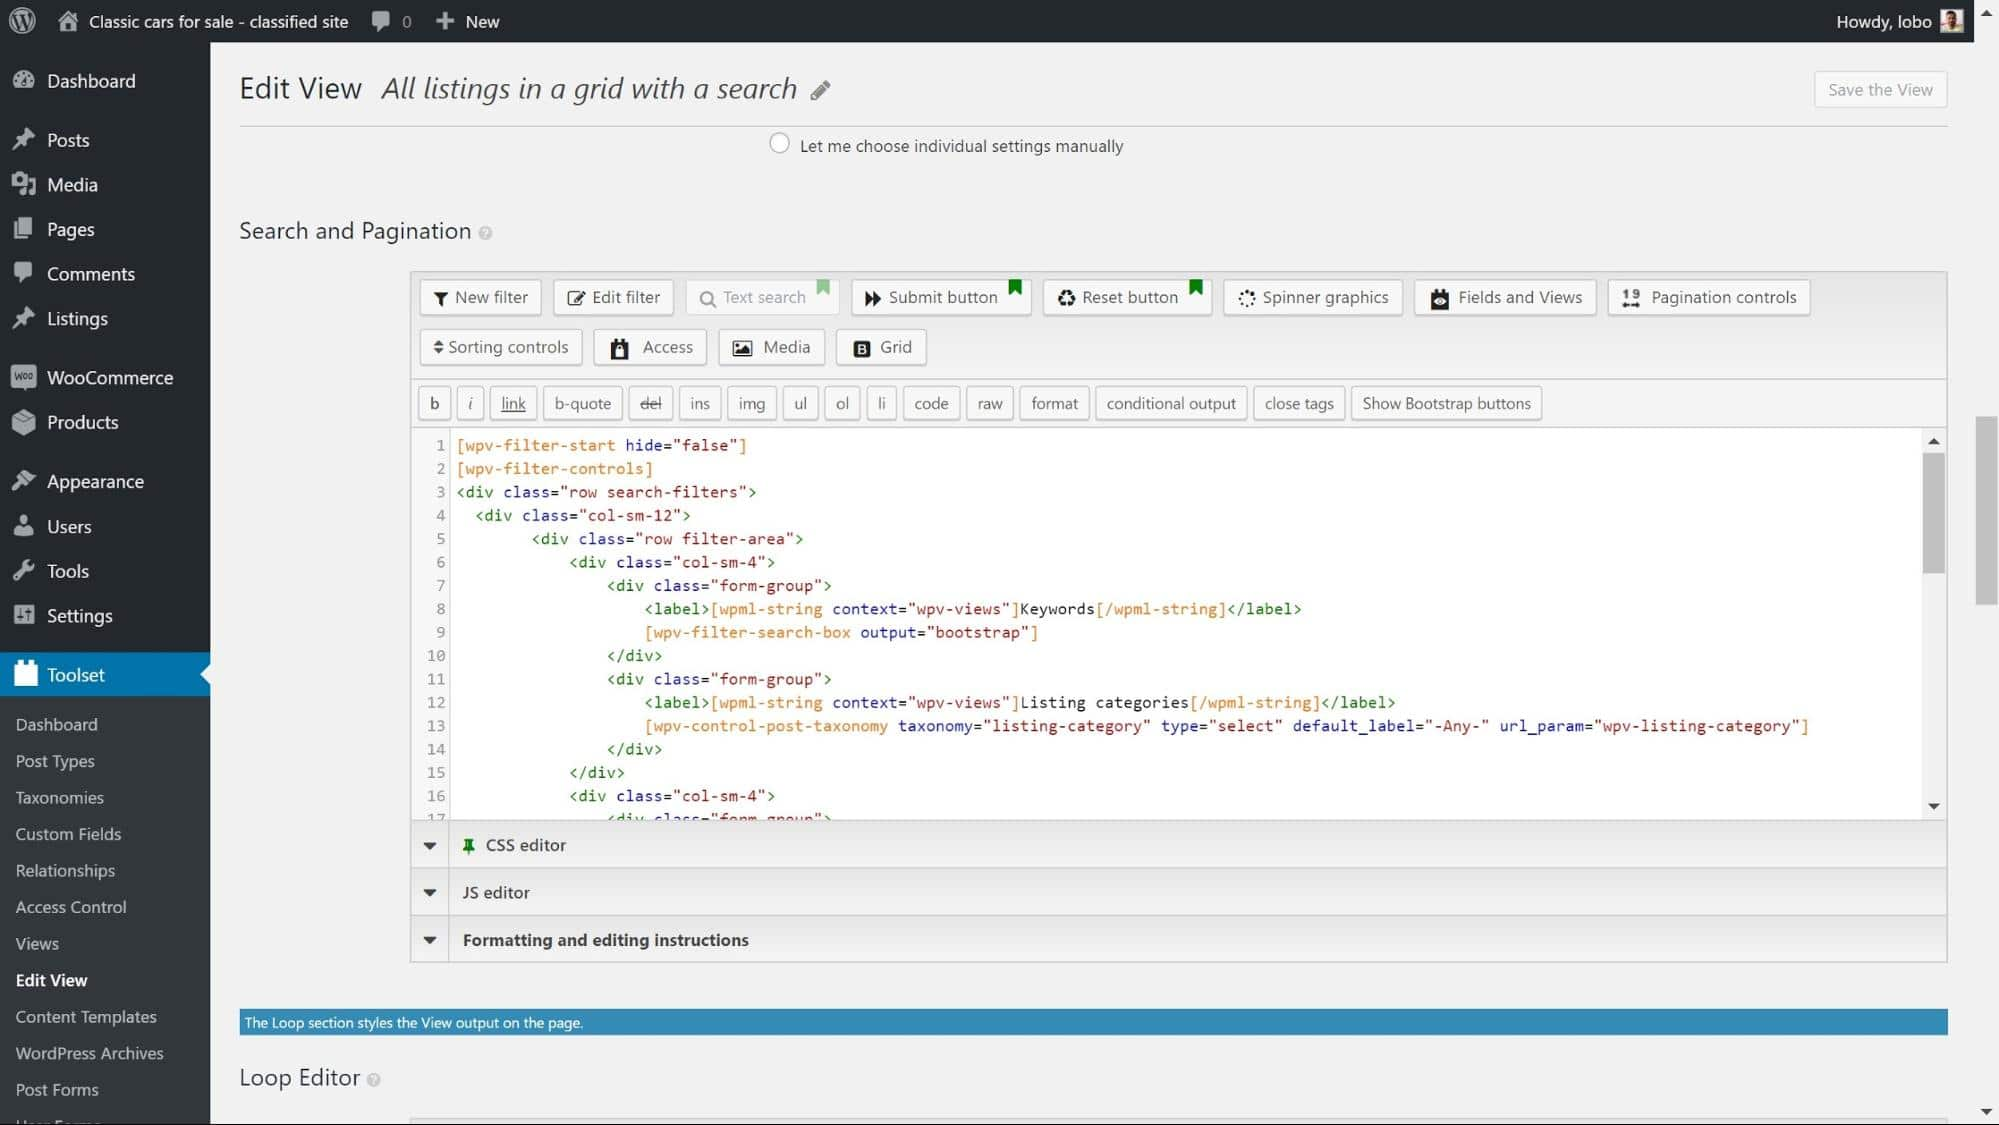 Recherche et pagination avec filtres et HTML